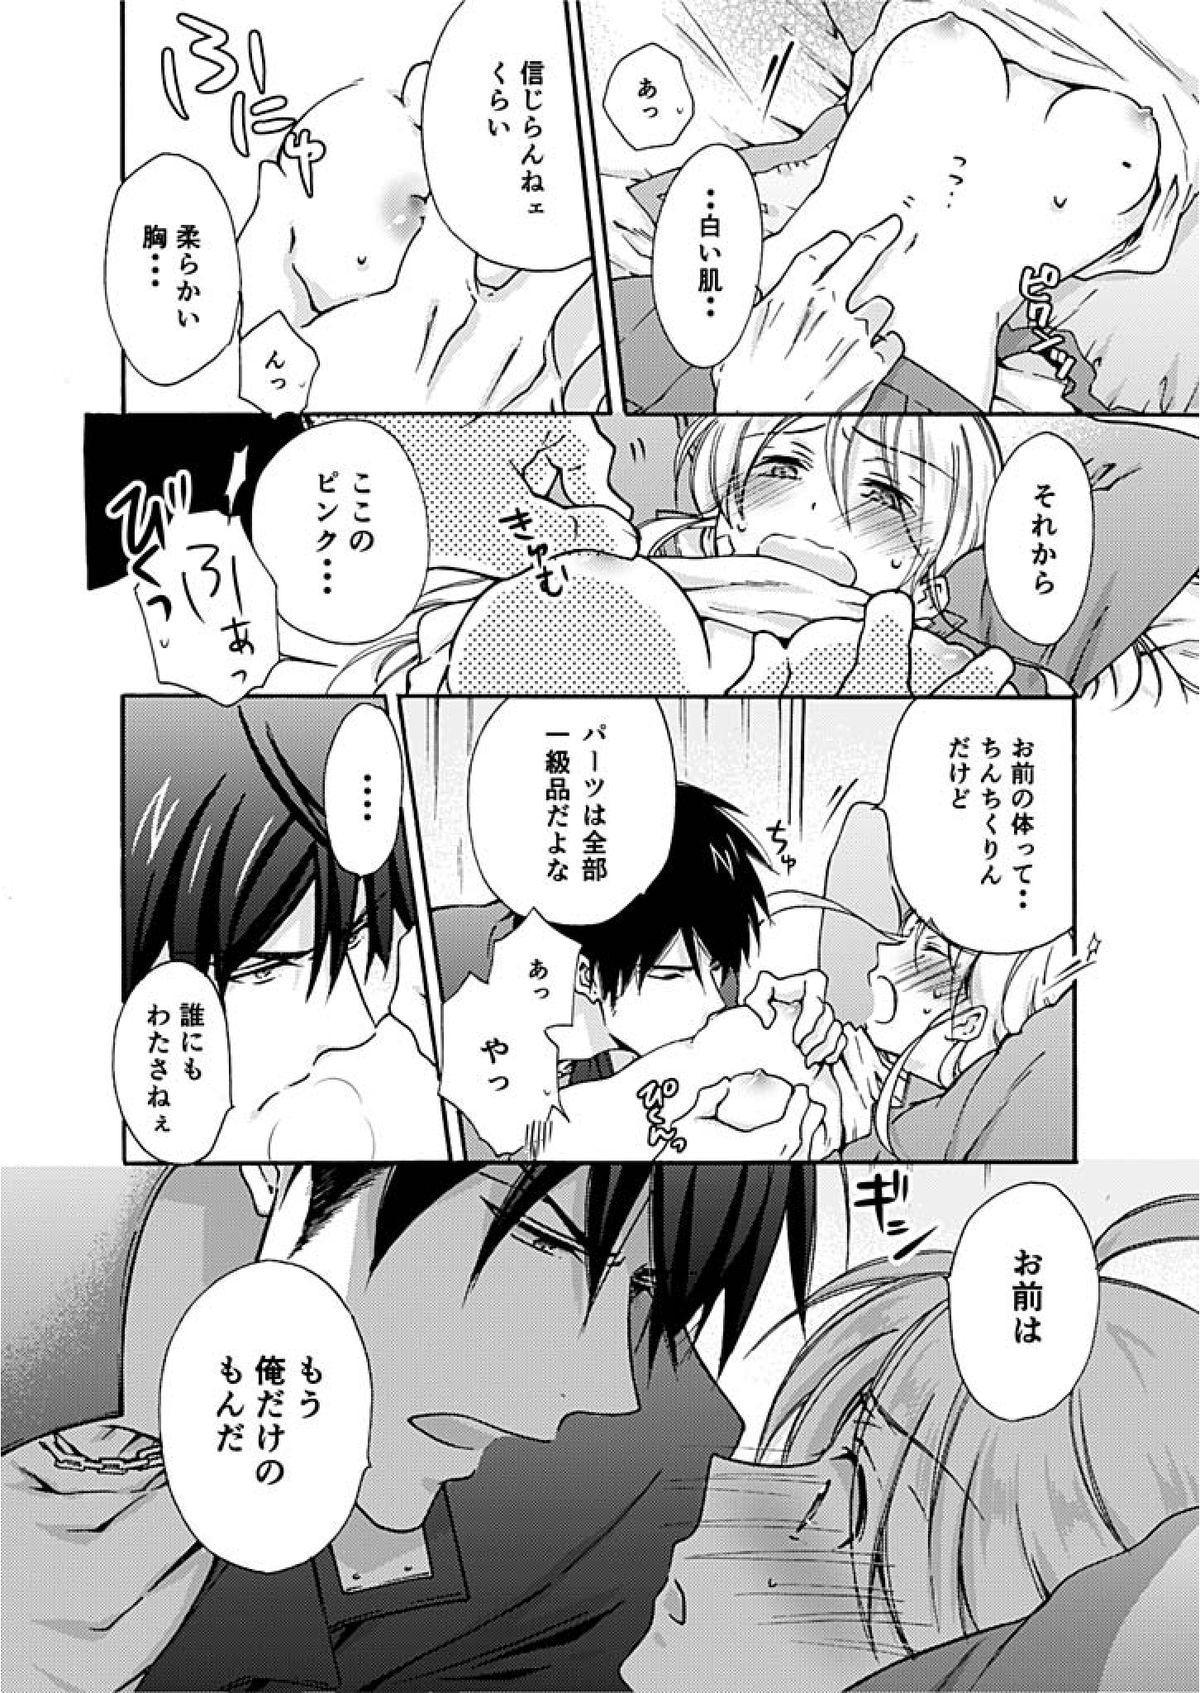 Nyotaika Yankee Gakuen ☆ Ore no Hajimete, Nerawaretemasu. 2 18